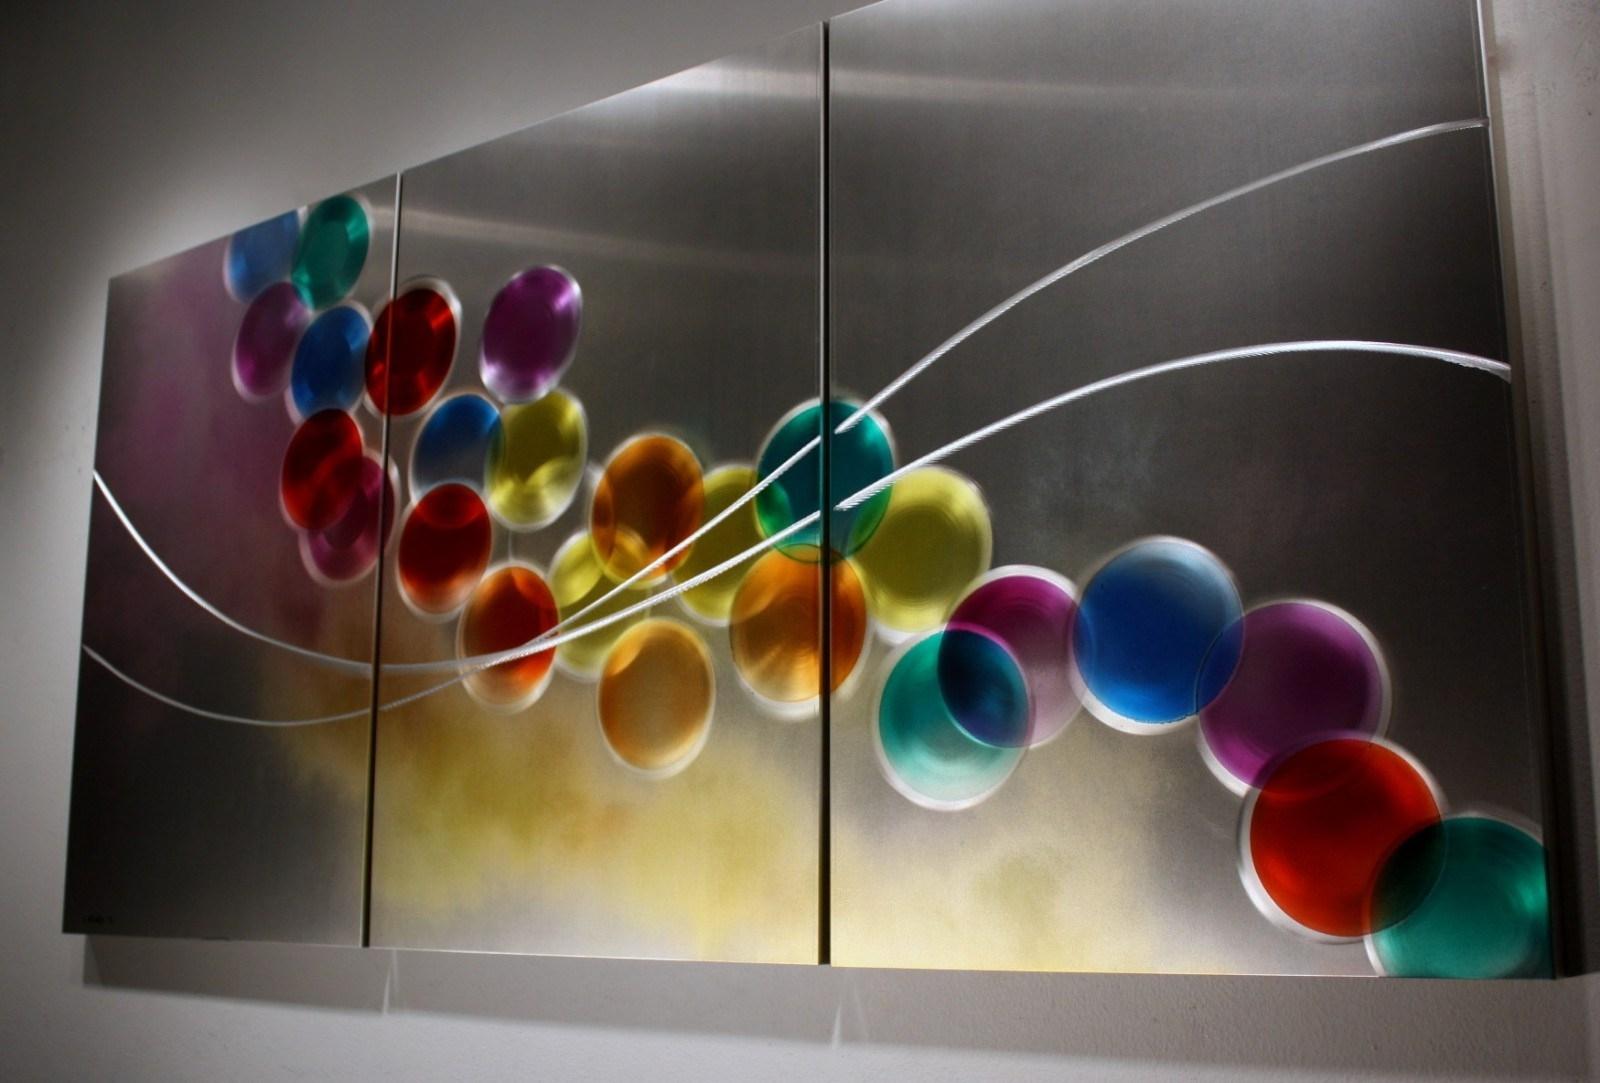 Fun Metal Abstract Wall Art Circle Bubble Wave Shaped Find This In 2018 Circle Bubble Wave Shaped Metal Abstract Wall Art (View 6 of 20)